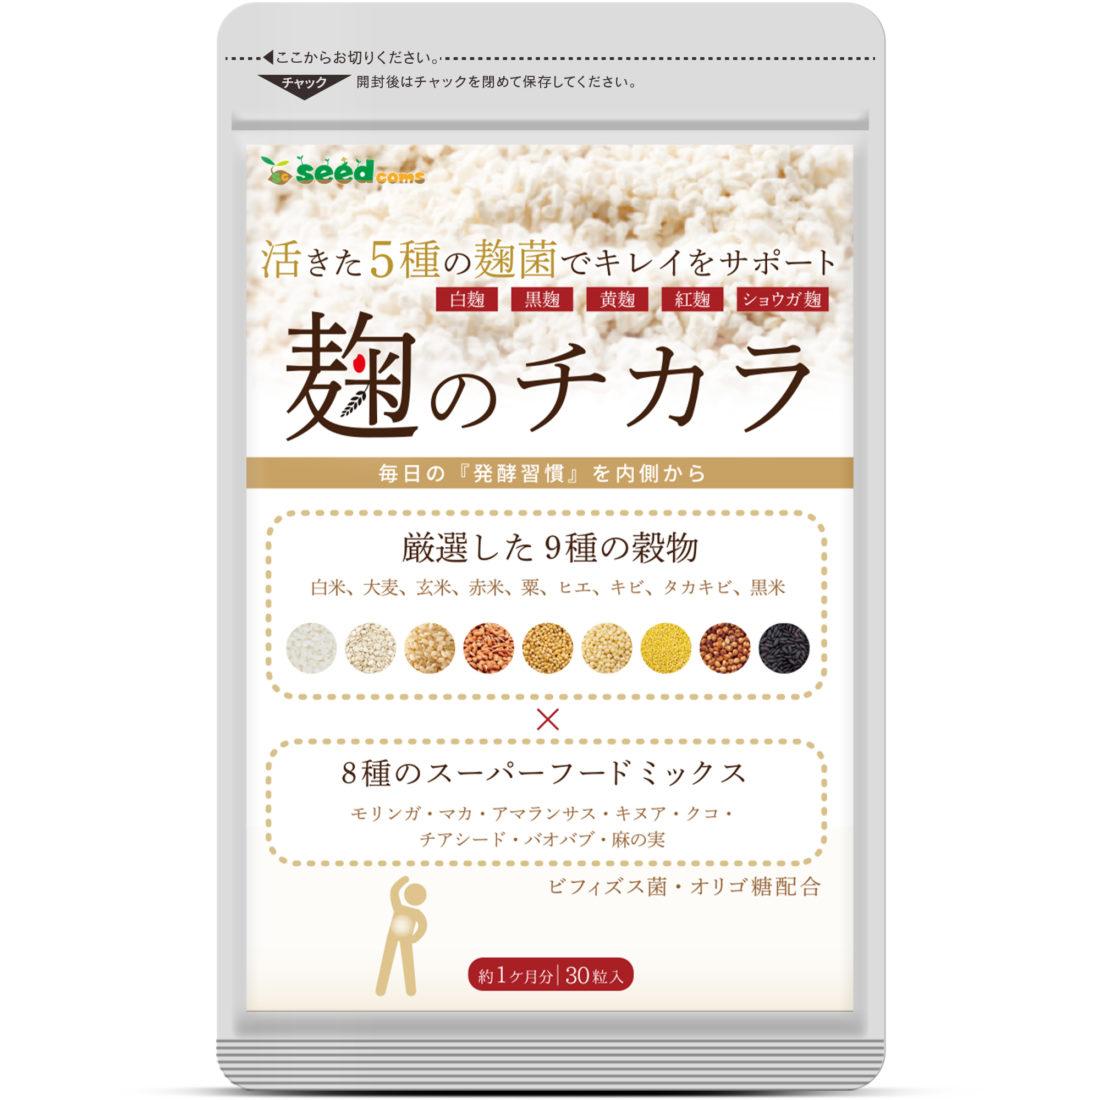 麹のチカラ シードコムス seedcoms